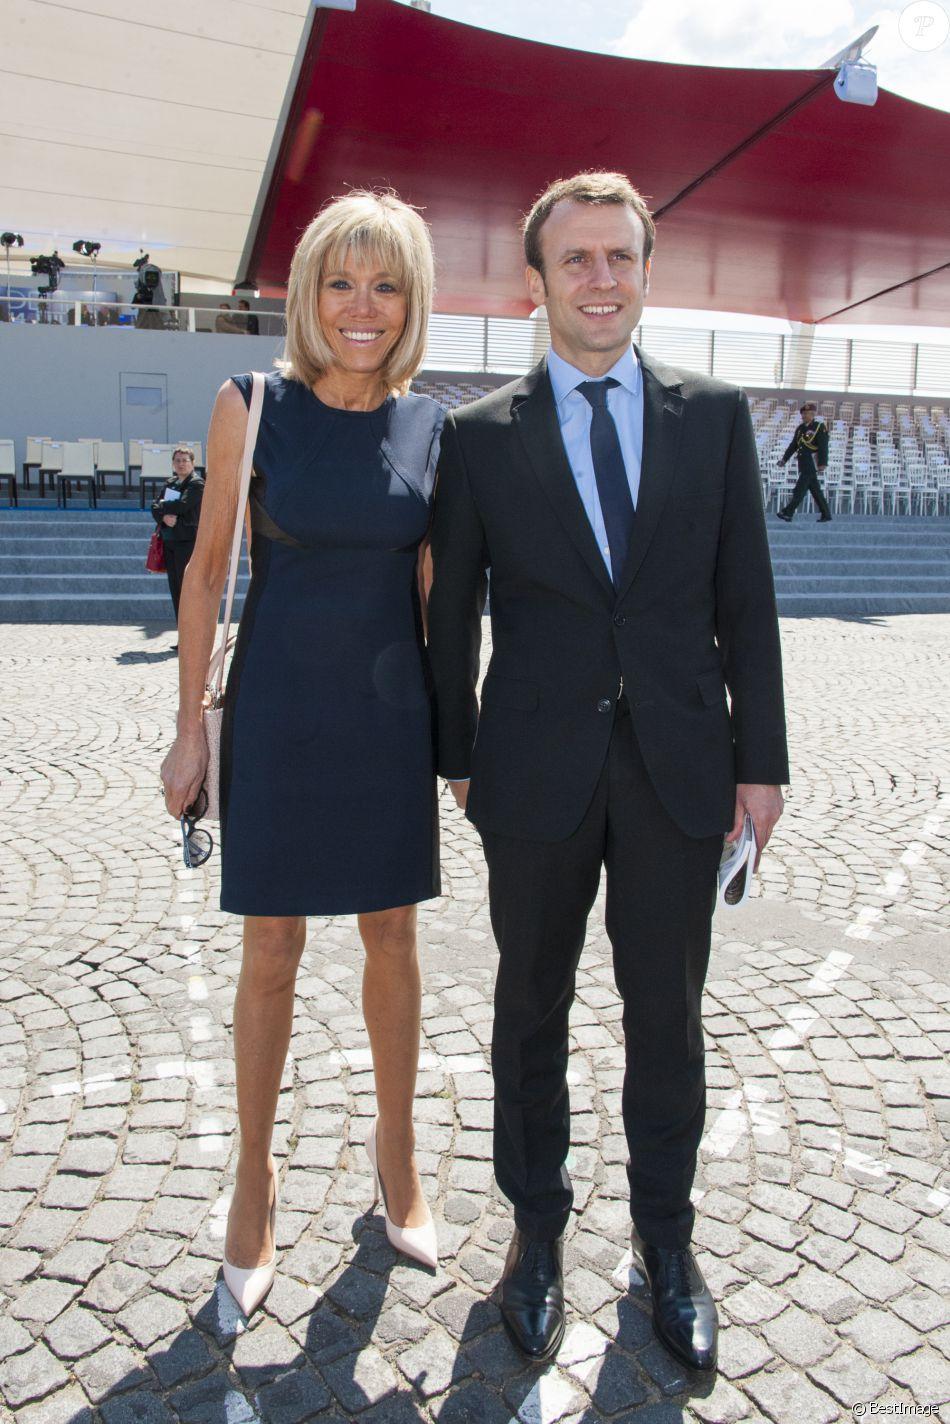 Emmanuel Macron Et Sa Femme Brigitte Trogneux Lors Du Defile Du 14 Juillet Fete Nationale Place De La Concorde A Paris Le 14 Juillet 2016 Le Defile Milita Purepeople